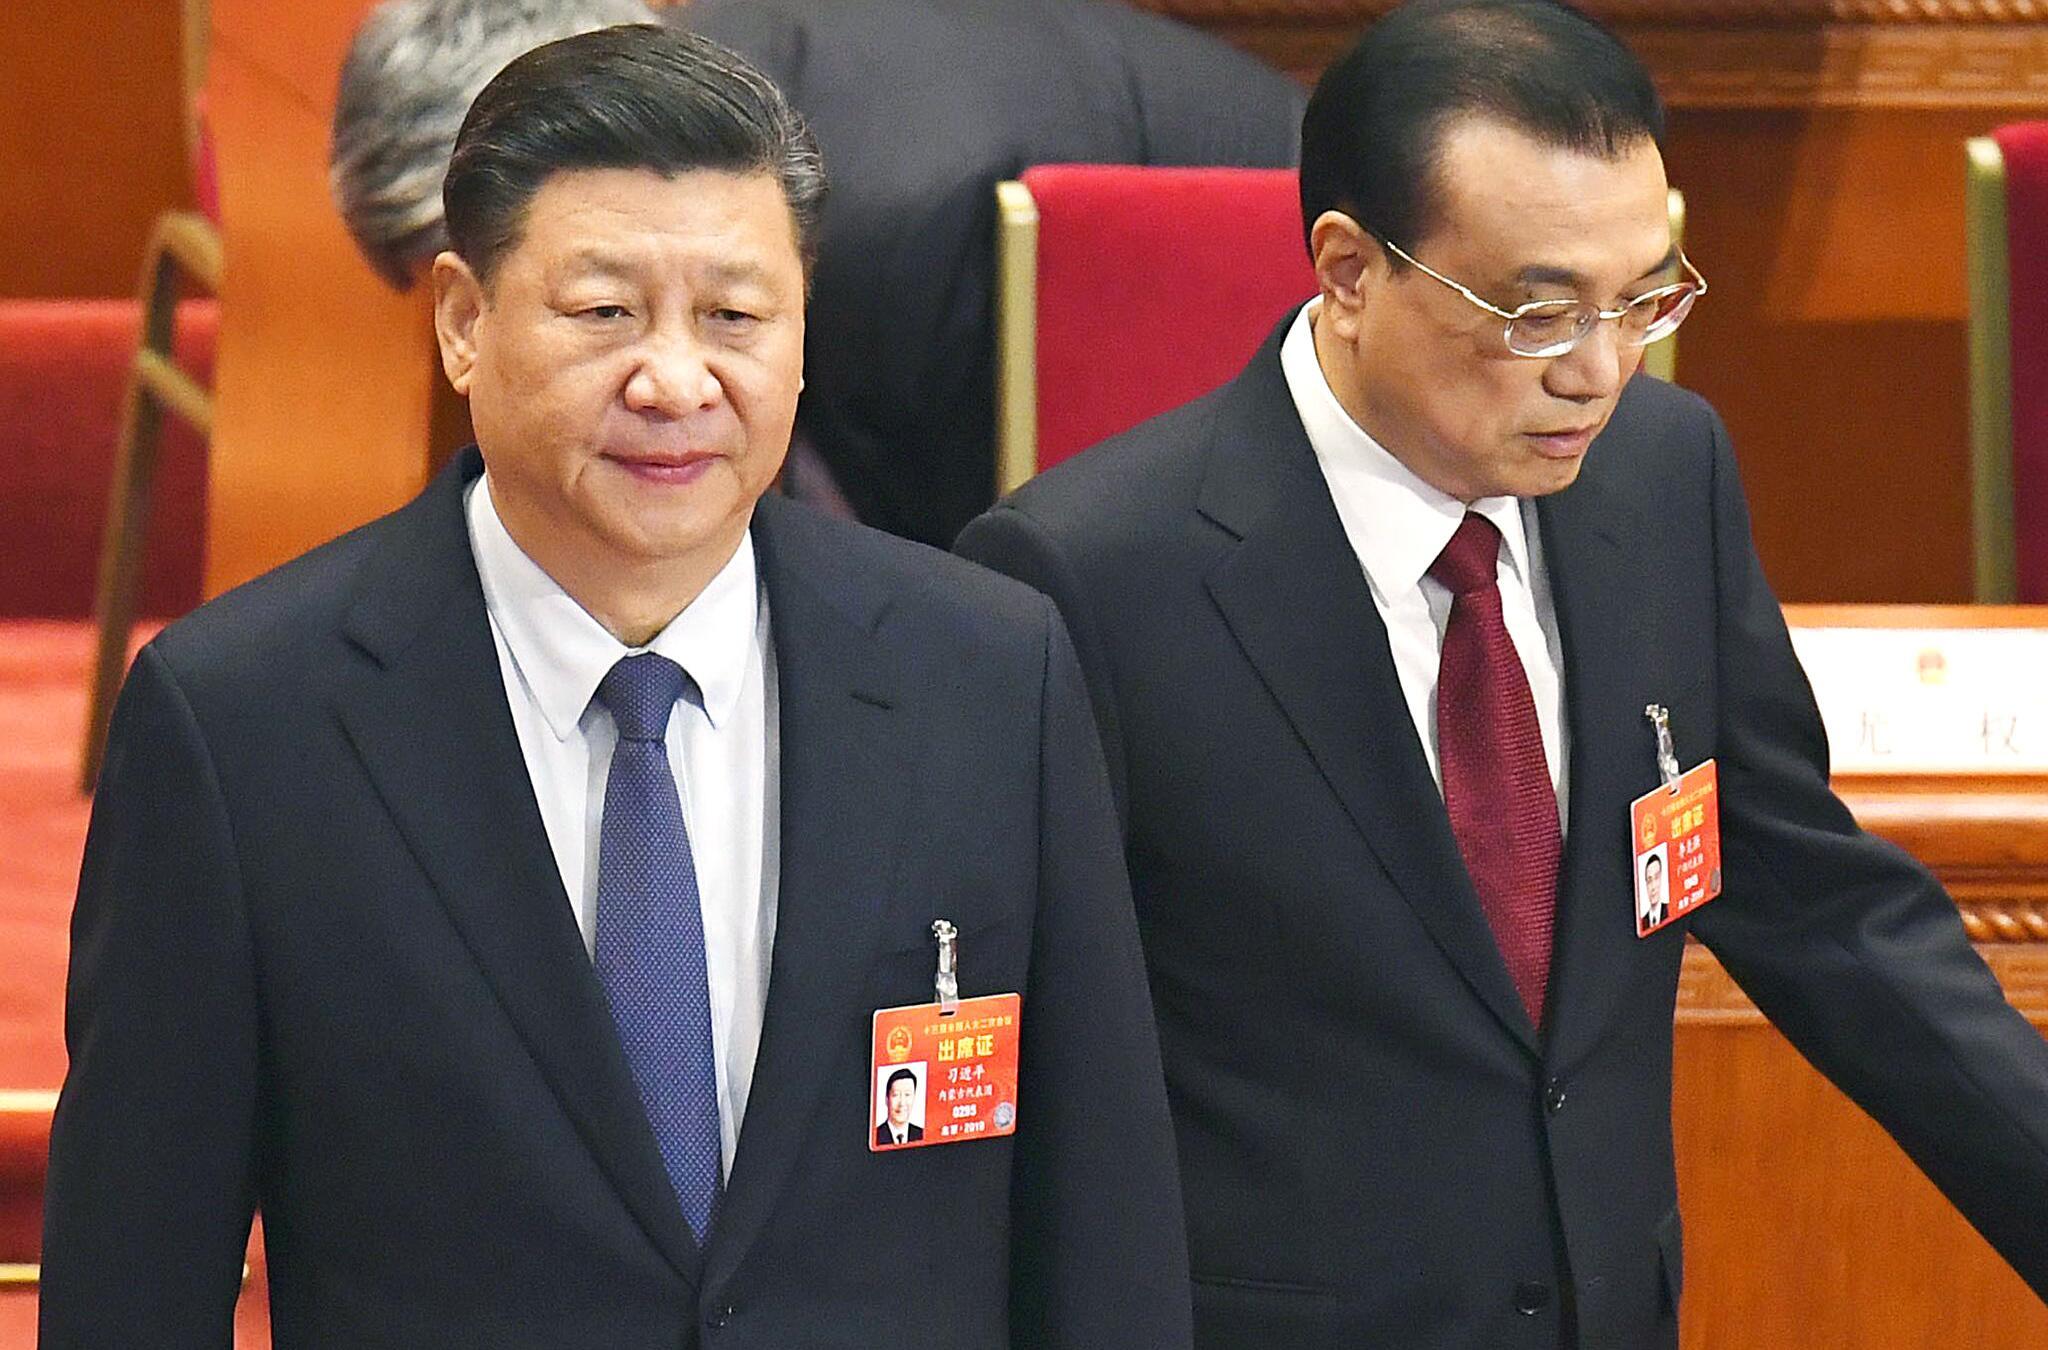 Bild zu Xi Jinping, Li Keqiang